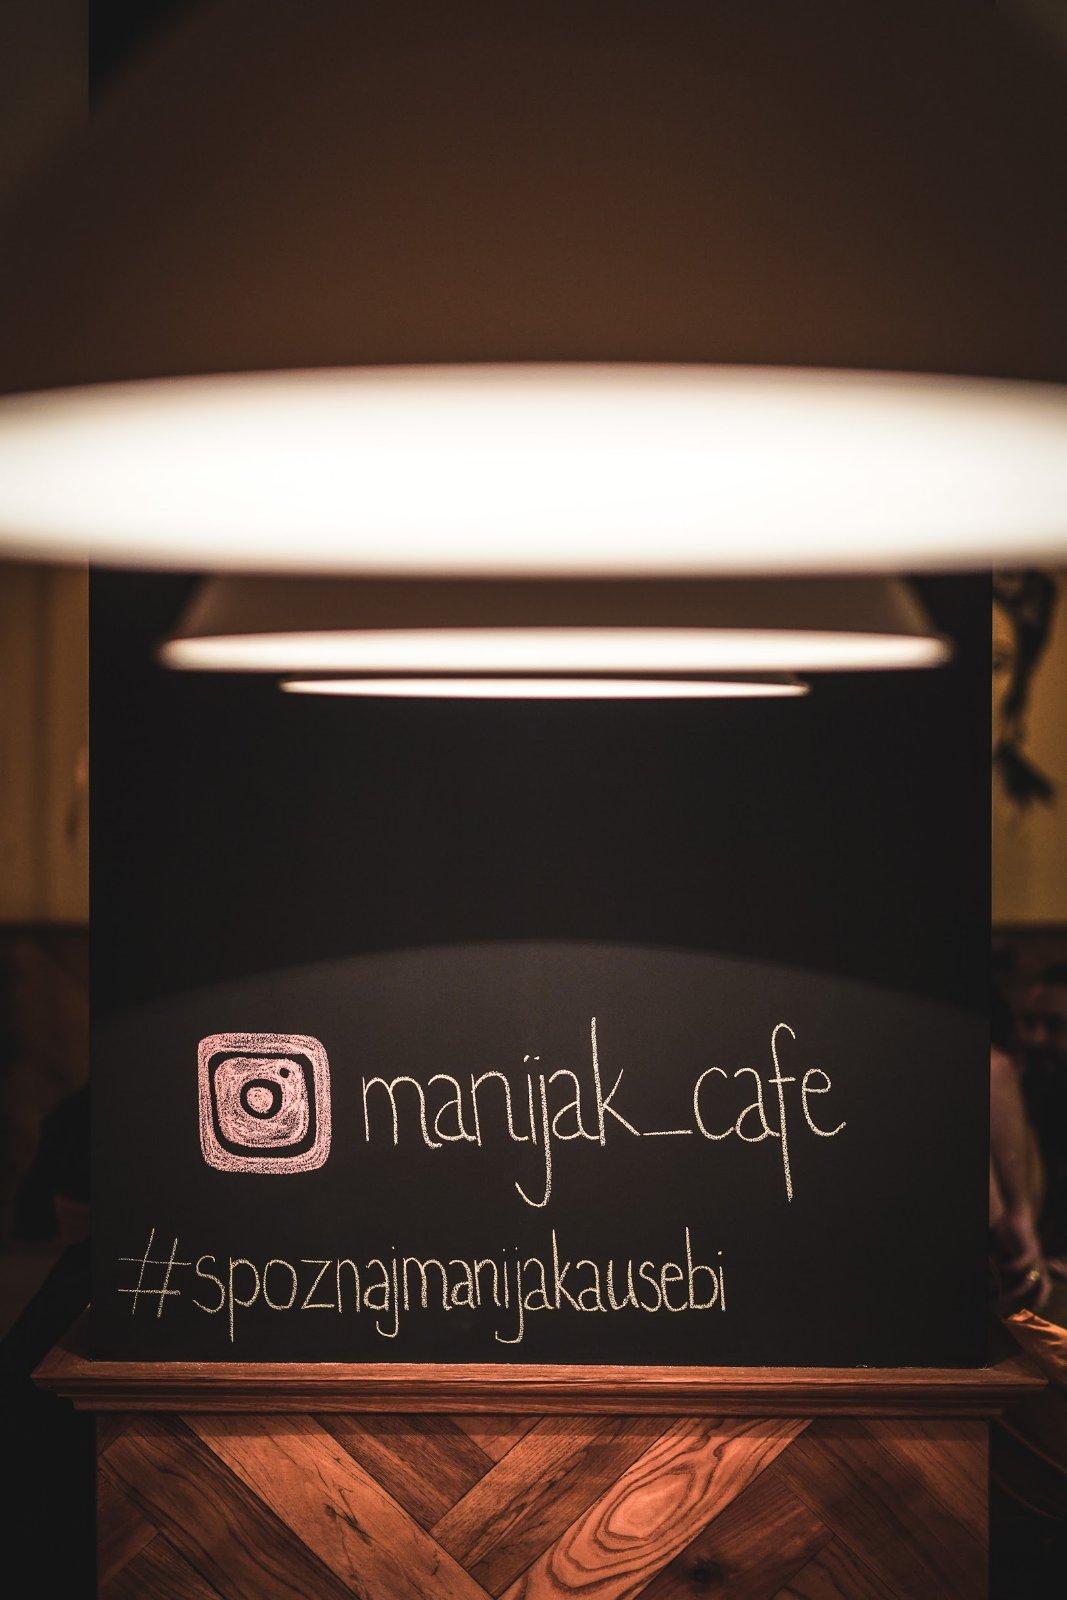 Manijak kafe